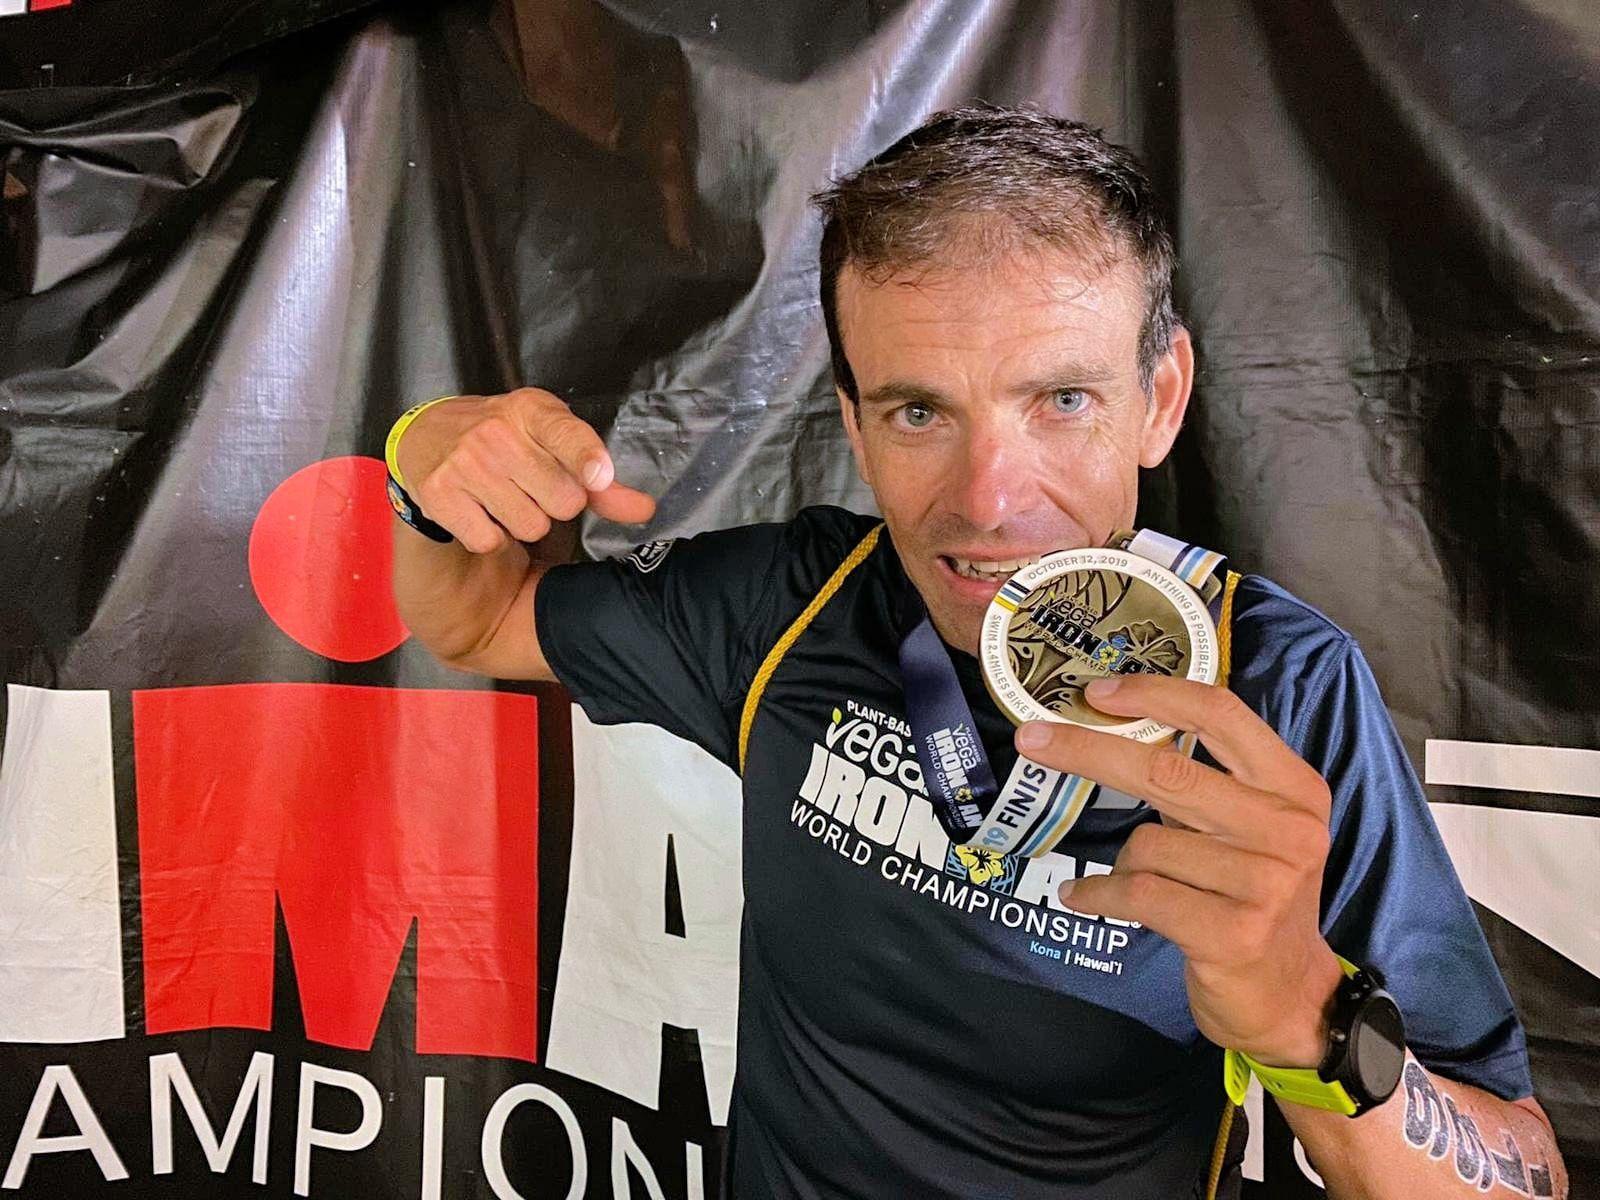 Fernando Garrocho finalitza el Campionat del Món IRONMAN a Kona, Hawaii